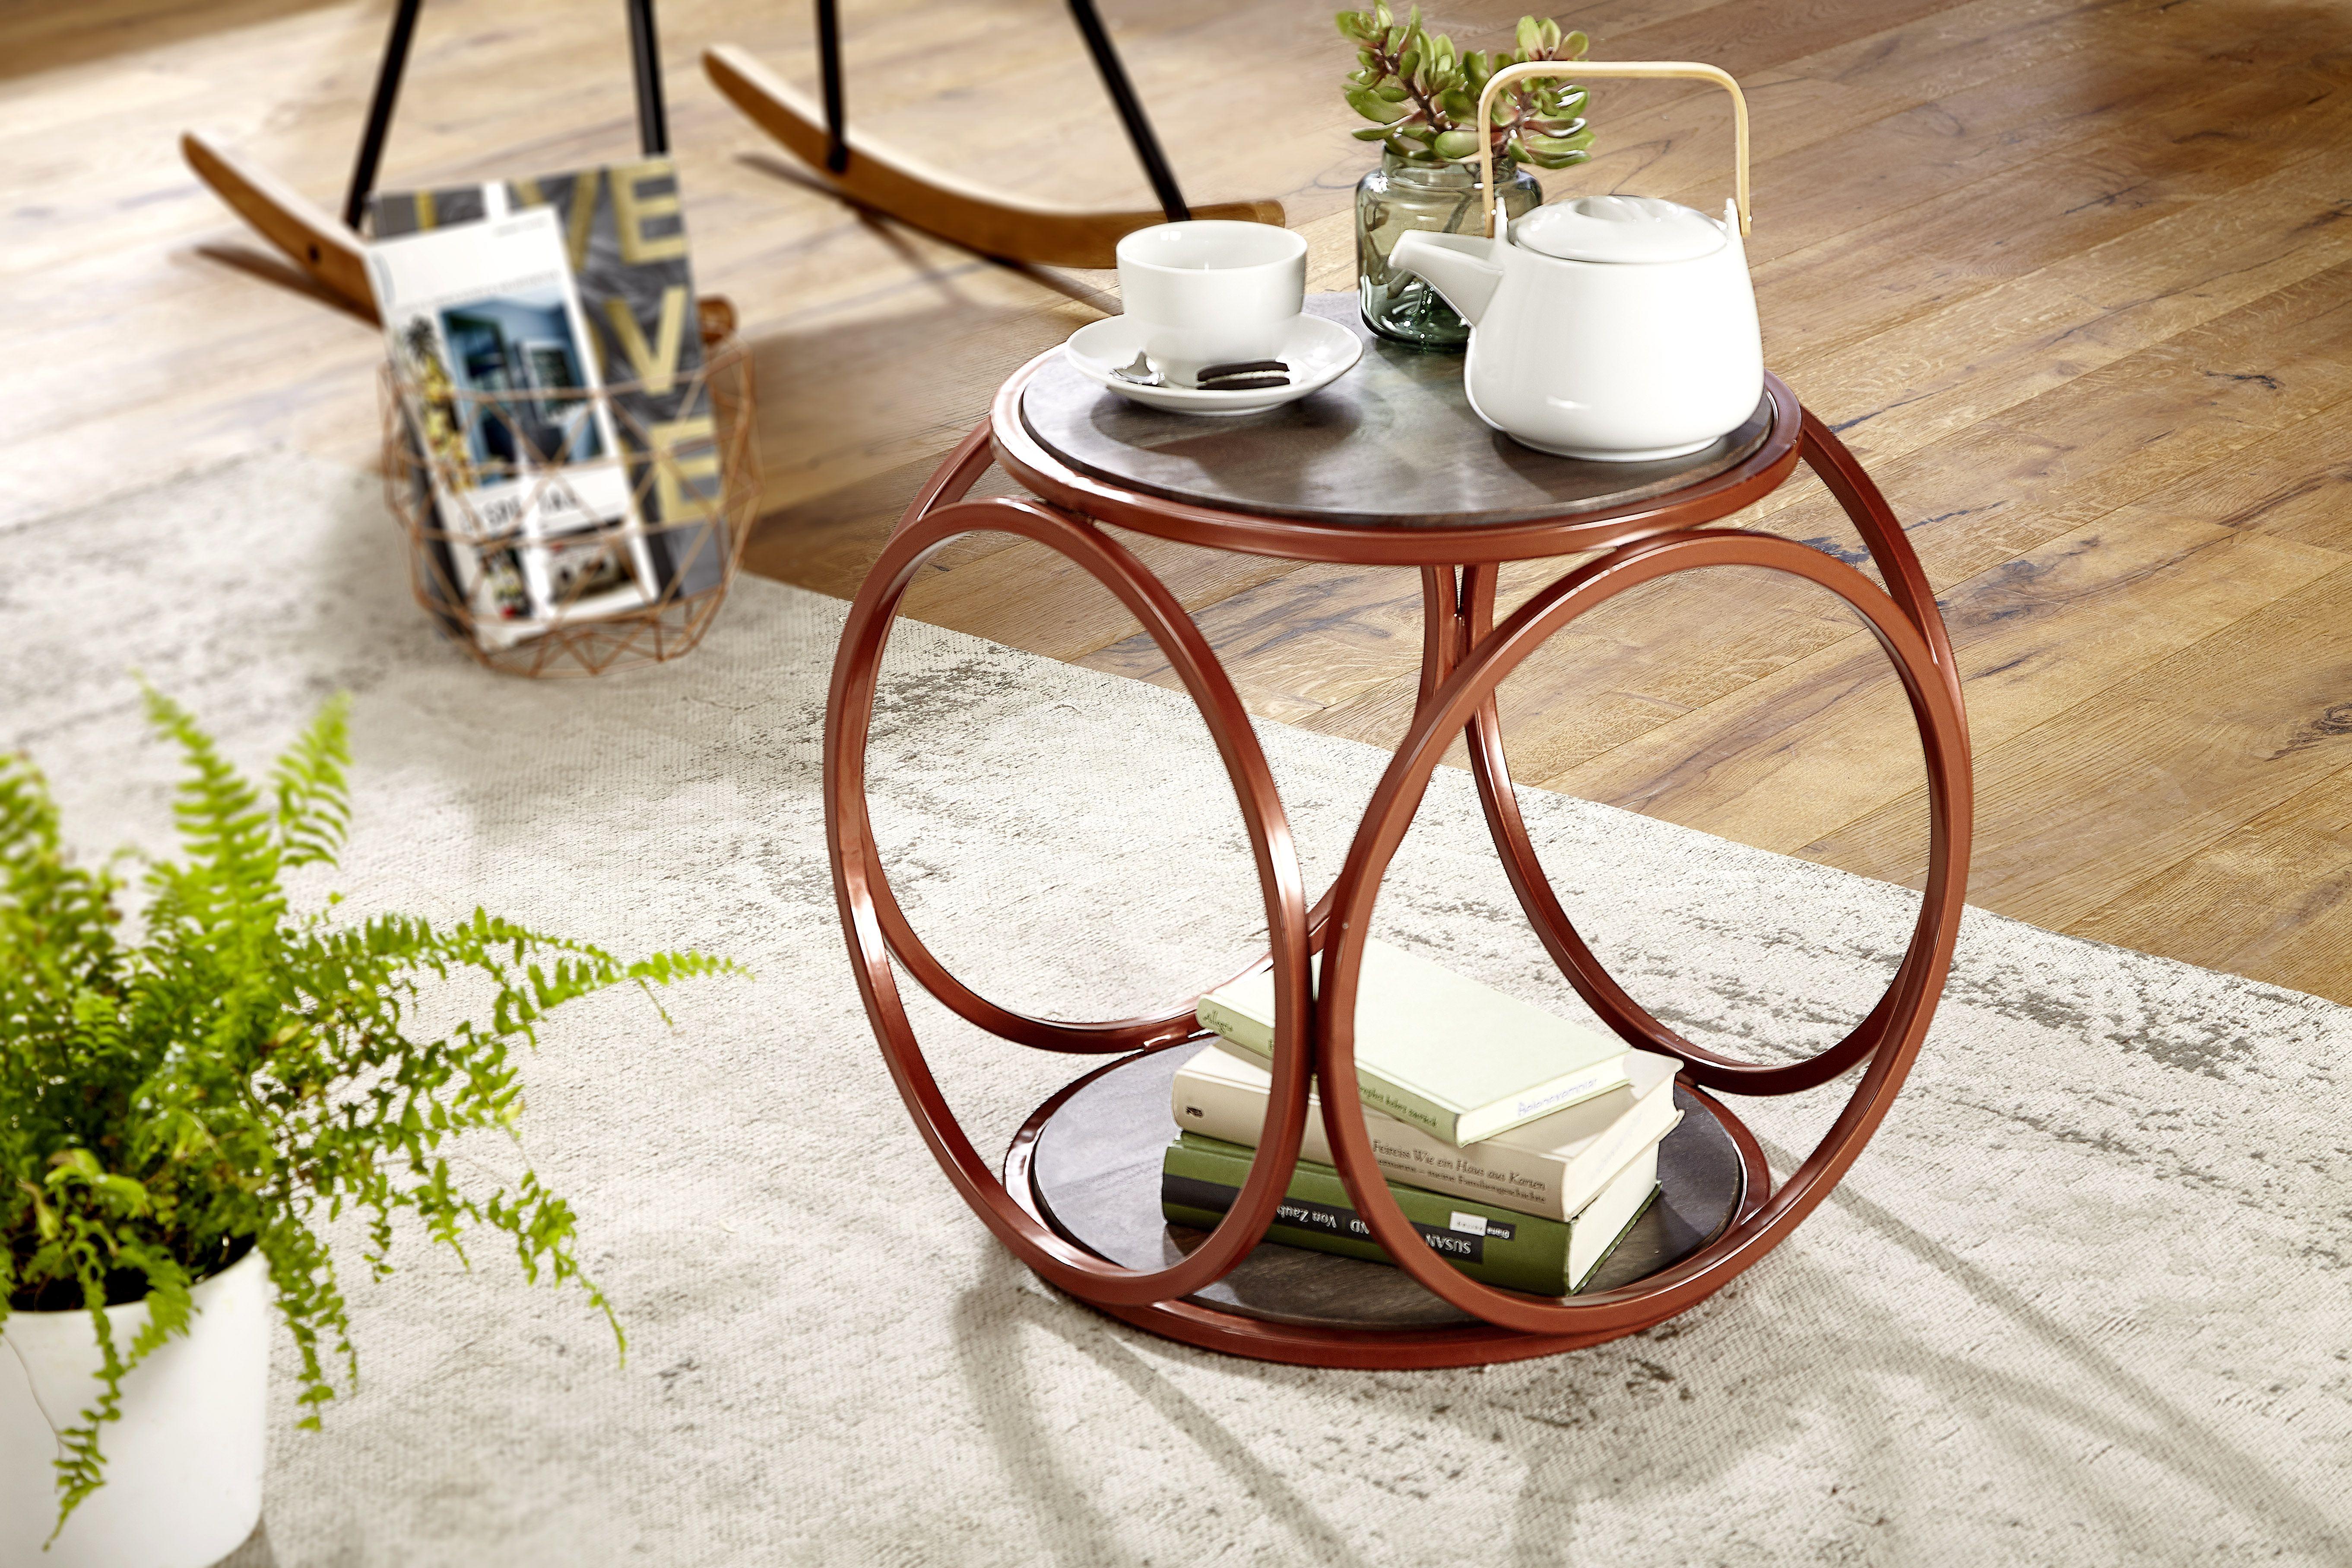 Wohnling Beistelltisch Rund Smoke Gray Wl5 675 Aus Akazie Massivholz Und Kupferfarbenem Pulverbesc Dunkle Holzkuchen Dunkles Holz Schlafzimmer Holztisch Design